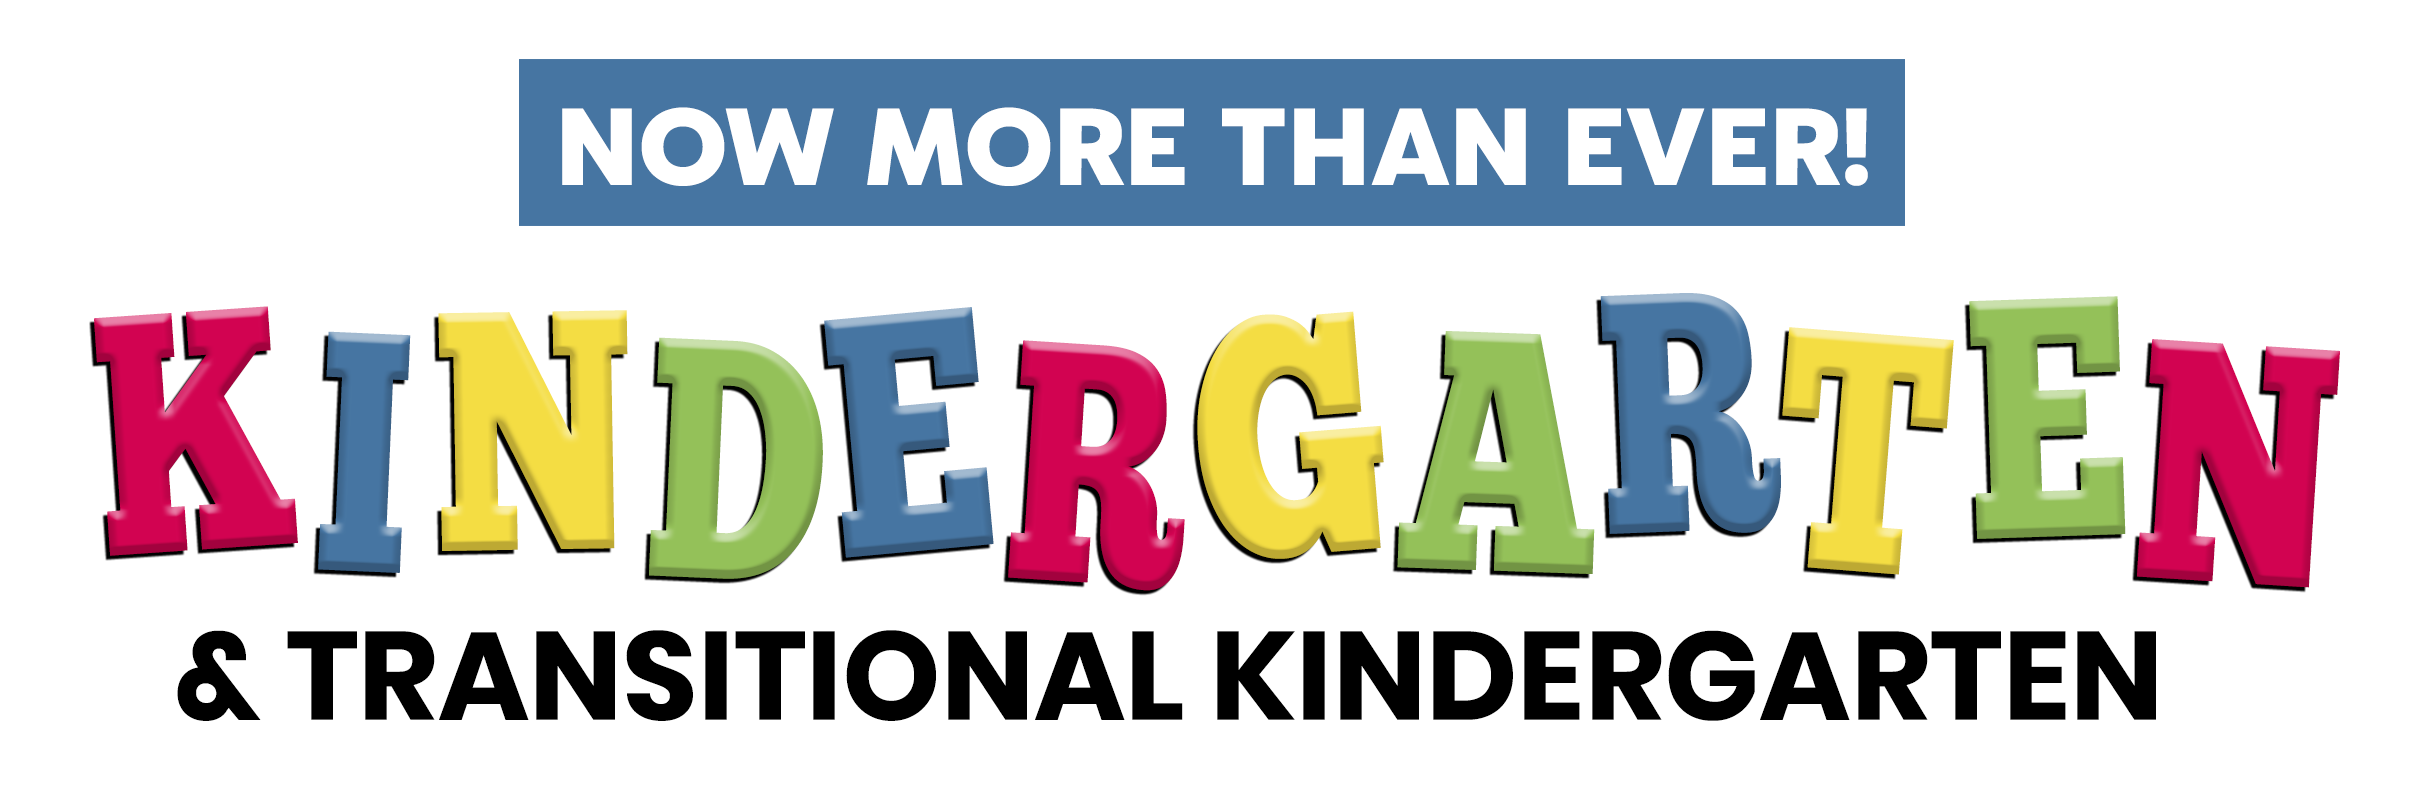 Kindergarten Flyer Header